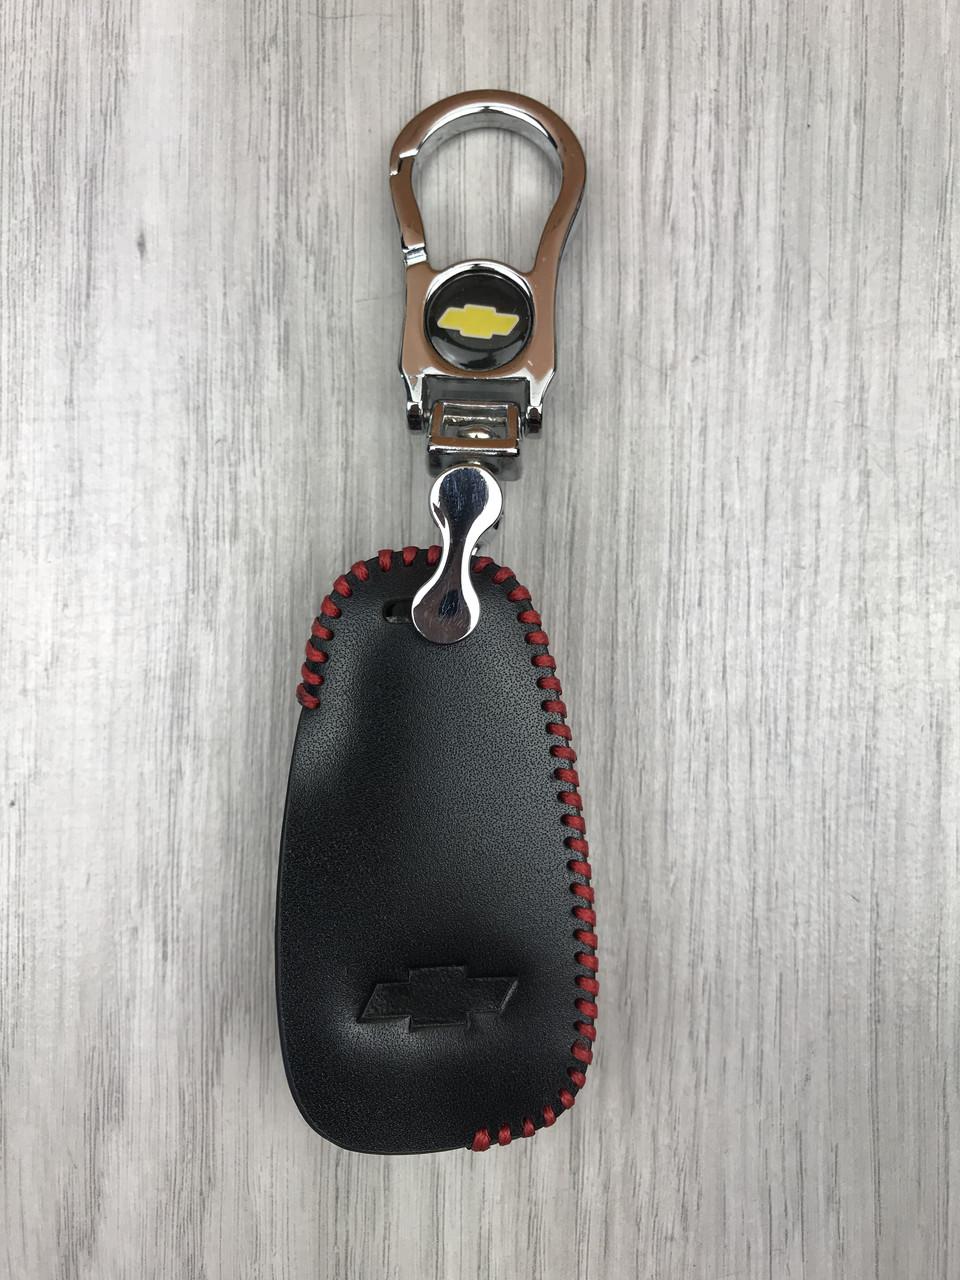 Трендовая кожаная ключница Chevrolet черная Люкс Автомобильный брелок для ключей Стильный Шевроле копия